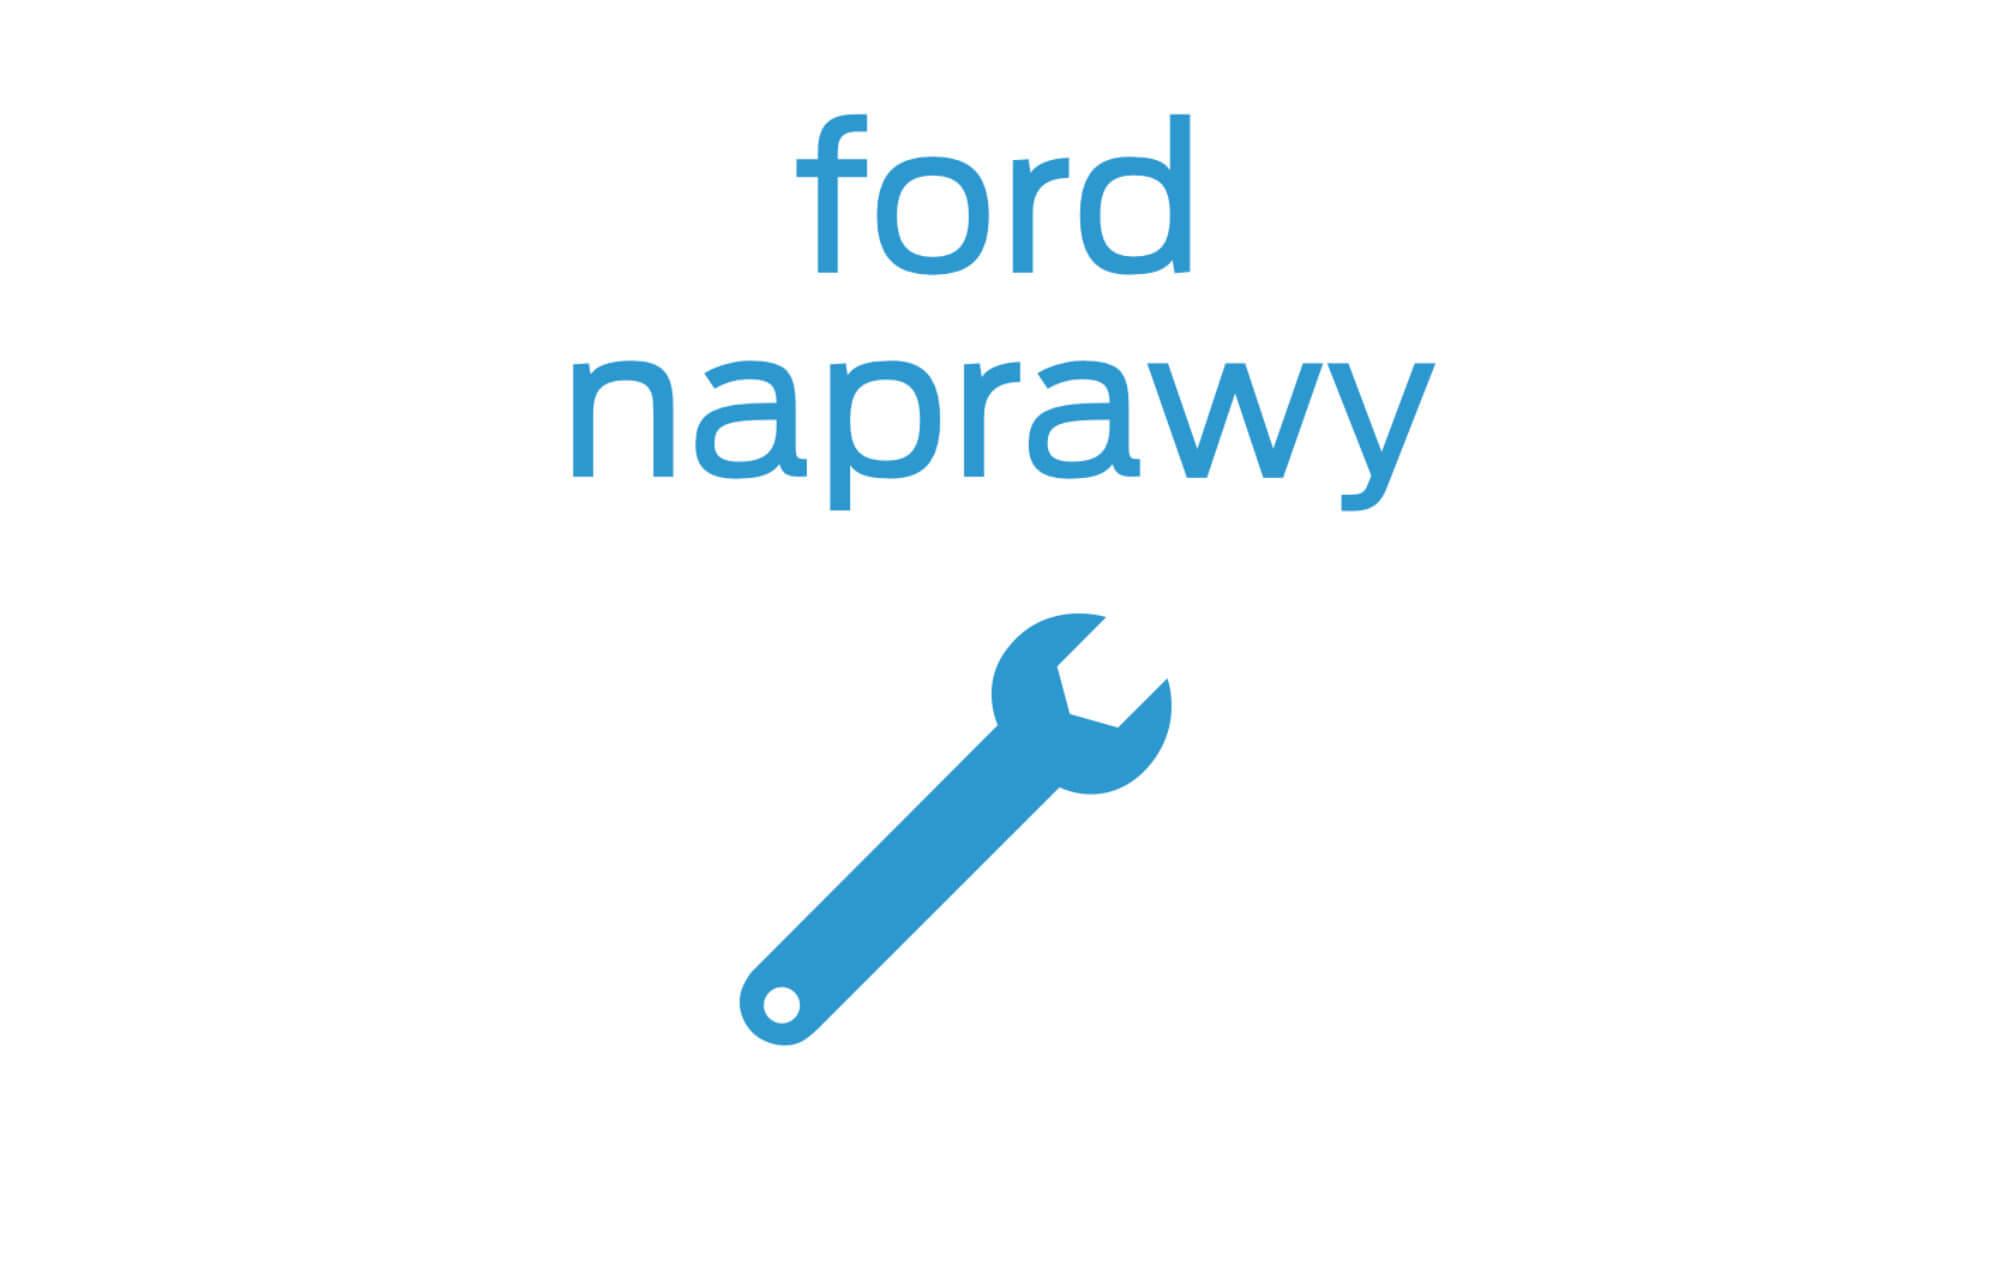 Ford Naprawy